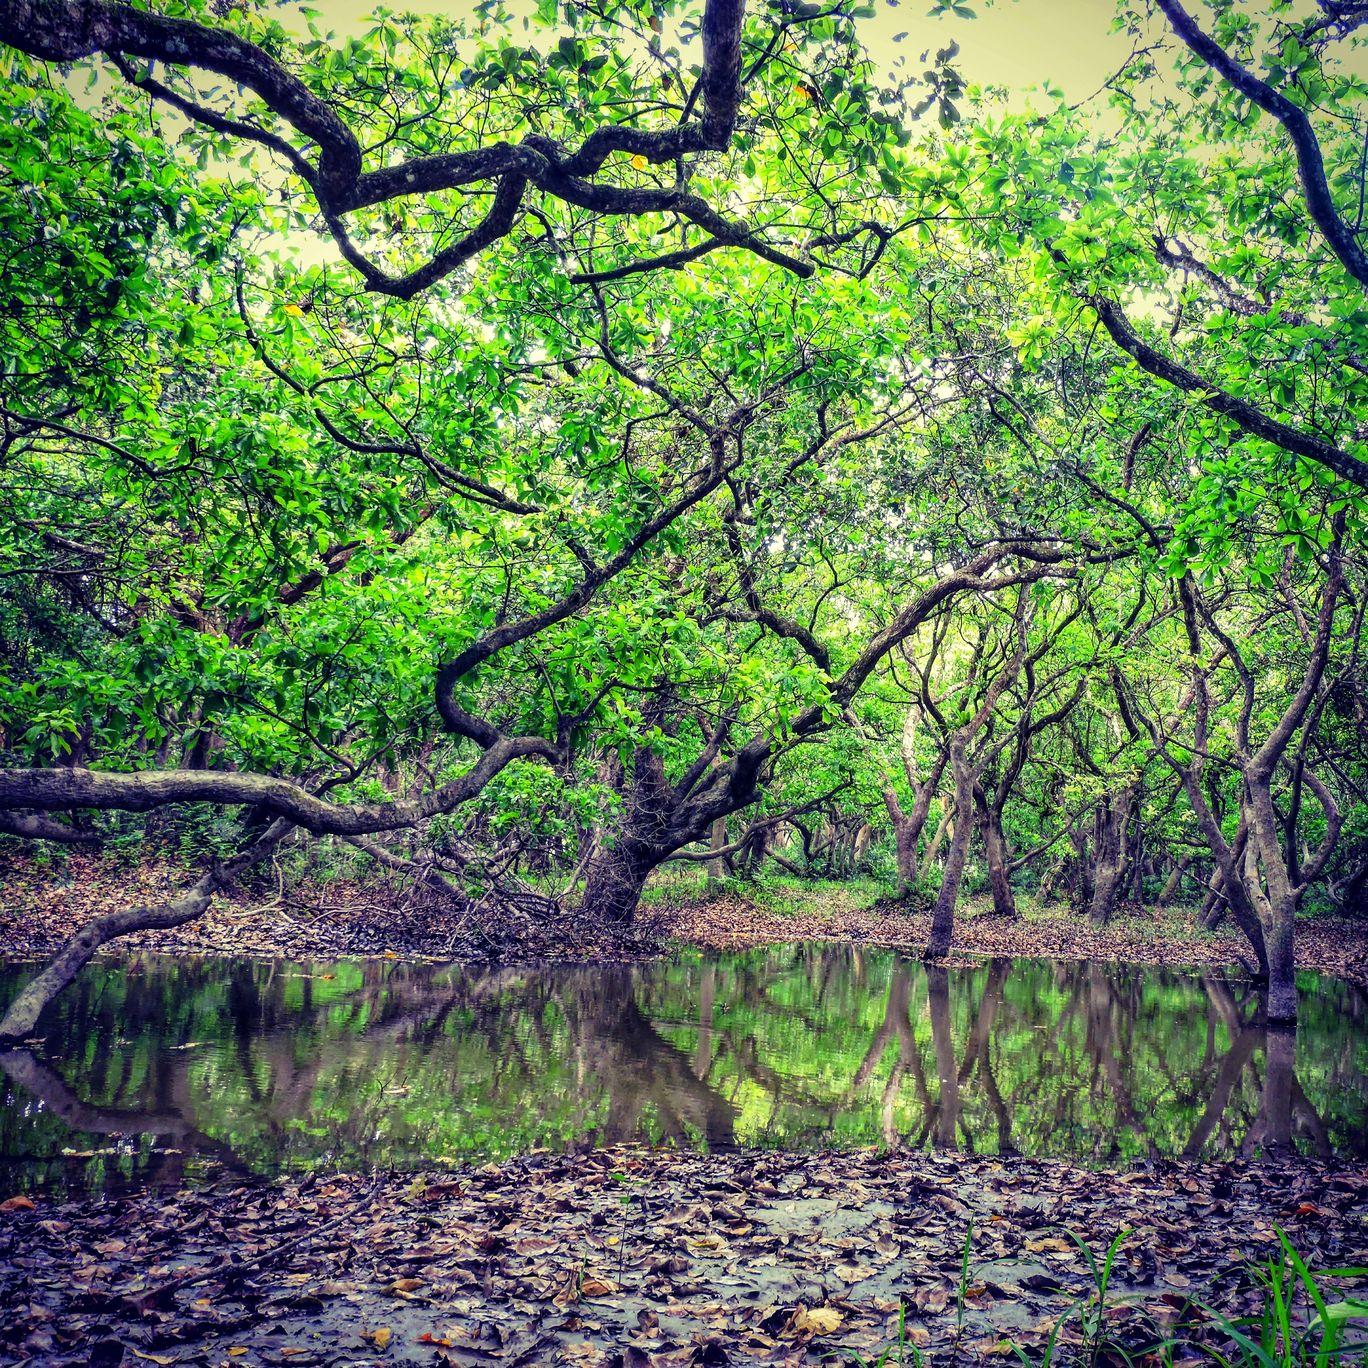 Photo of Laokhowa Wildlife Sanctuary By Abhishek Das